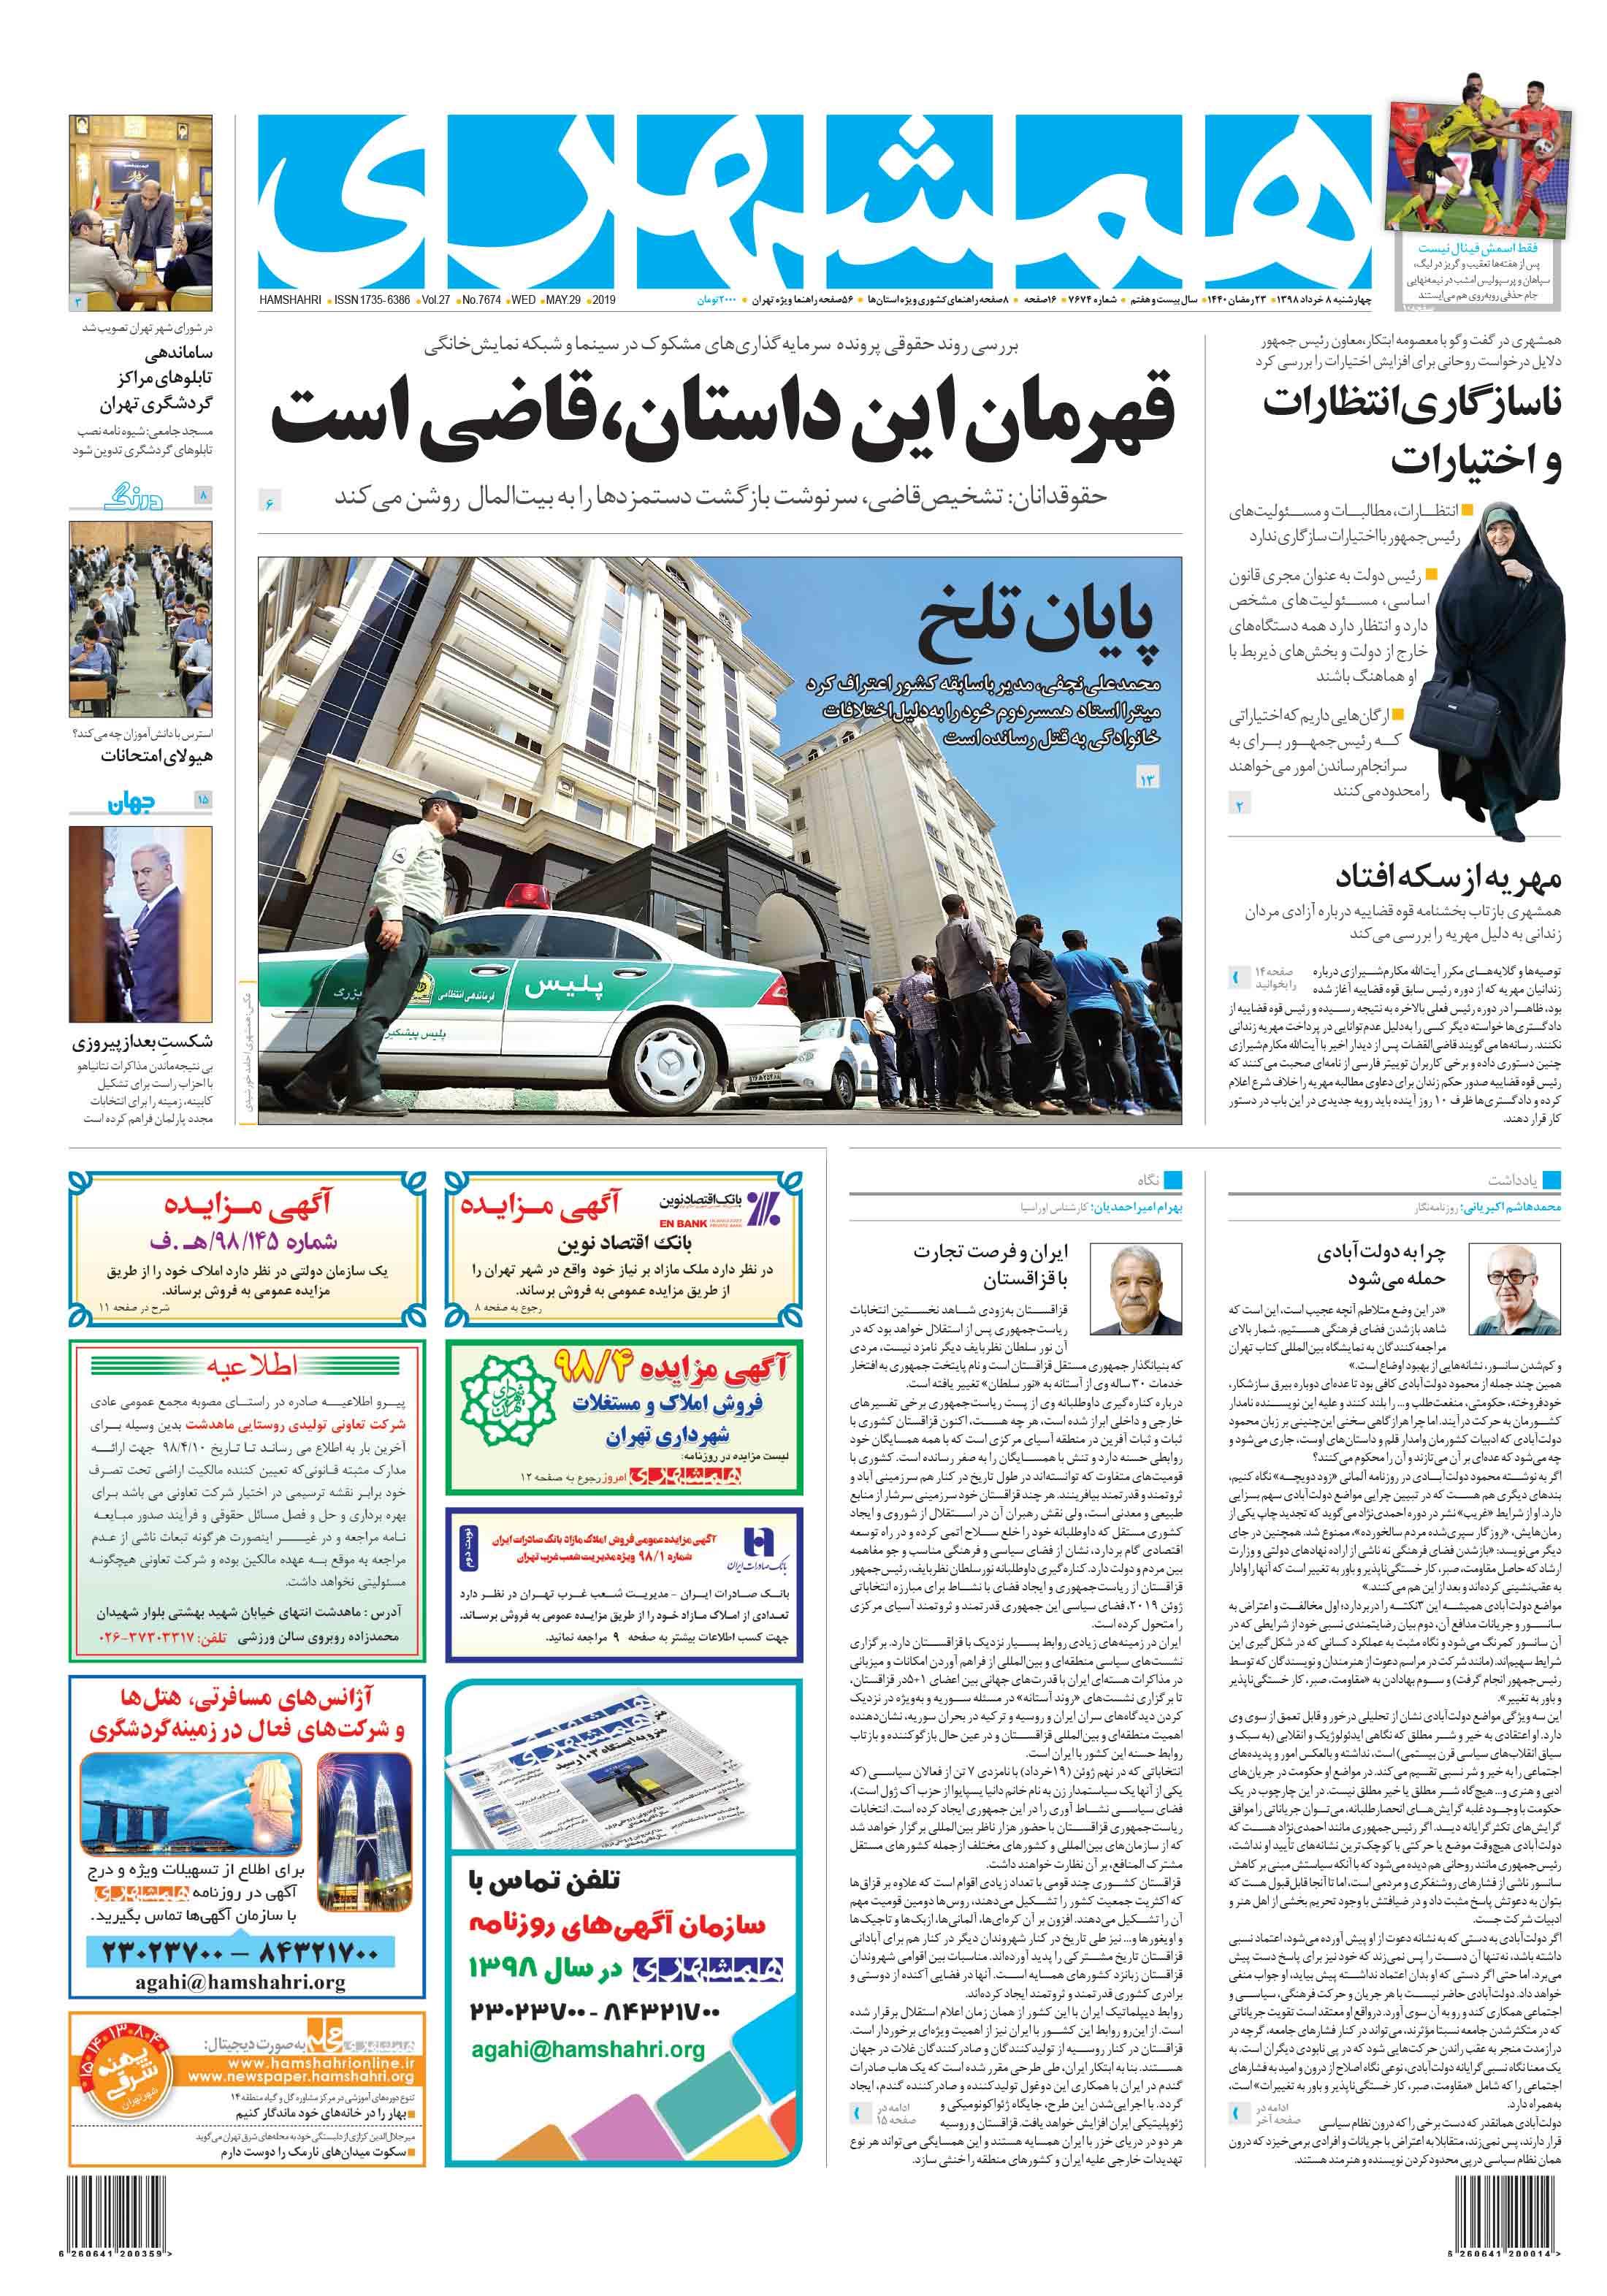 صفحه اول چهارشنبه 8 خرداد 1398